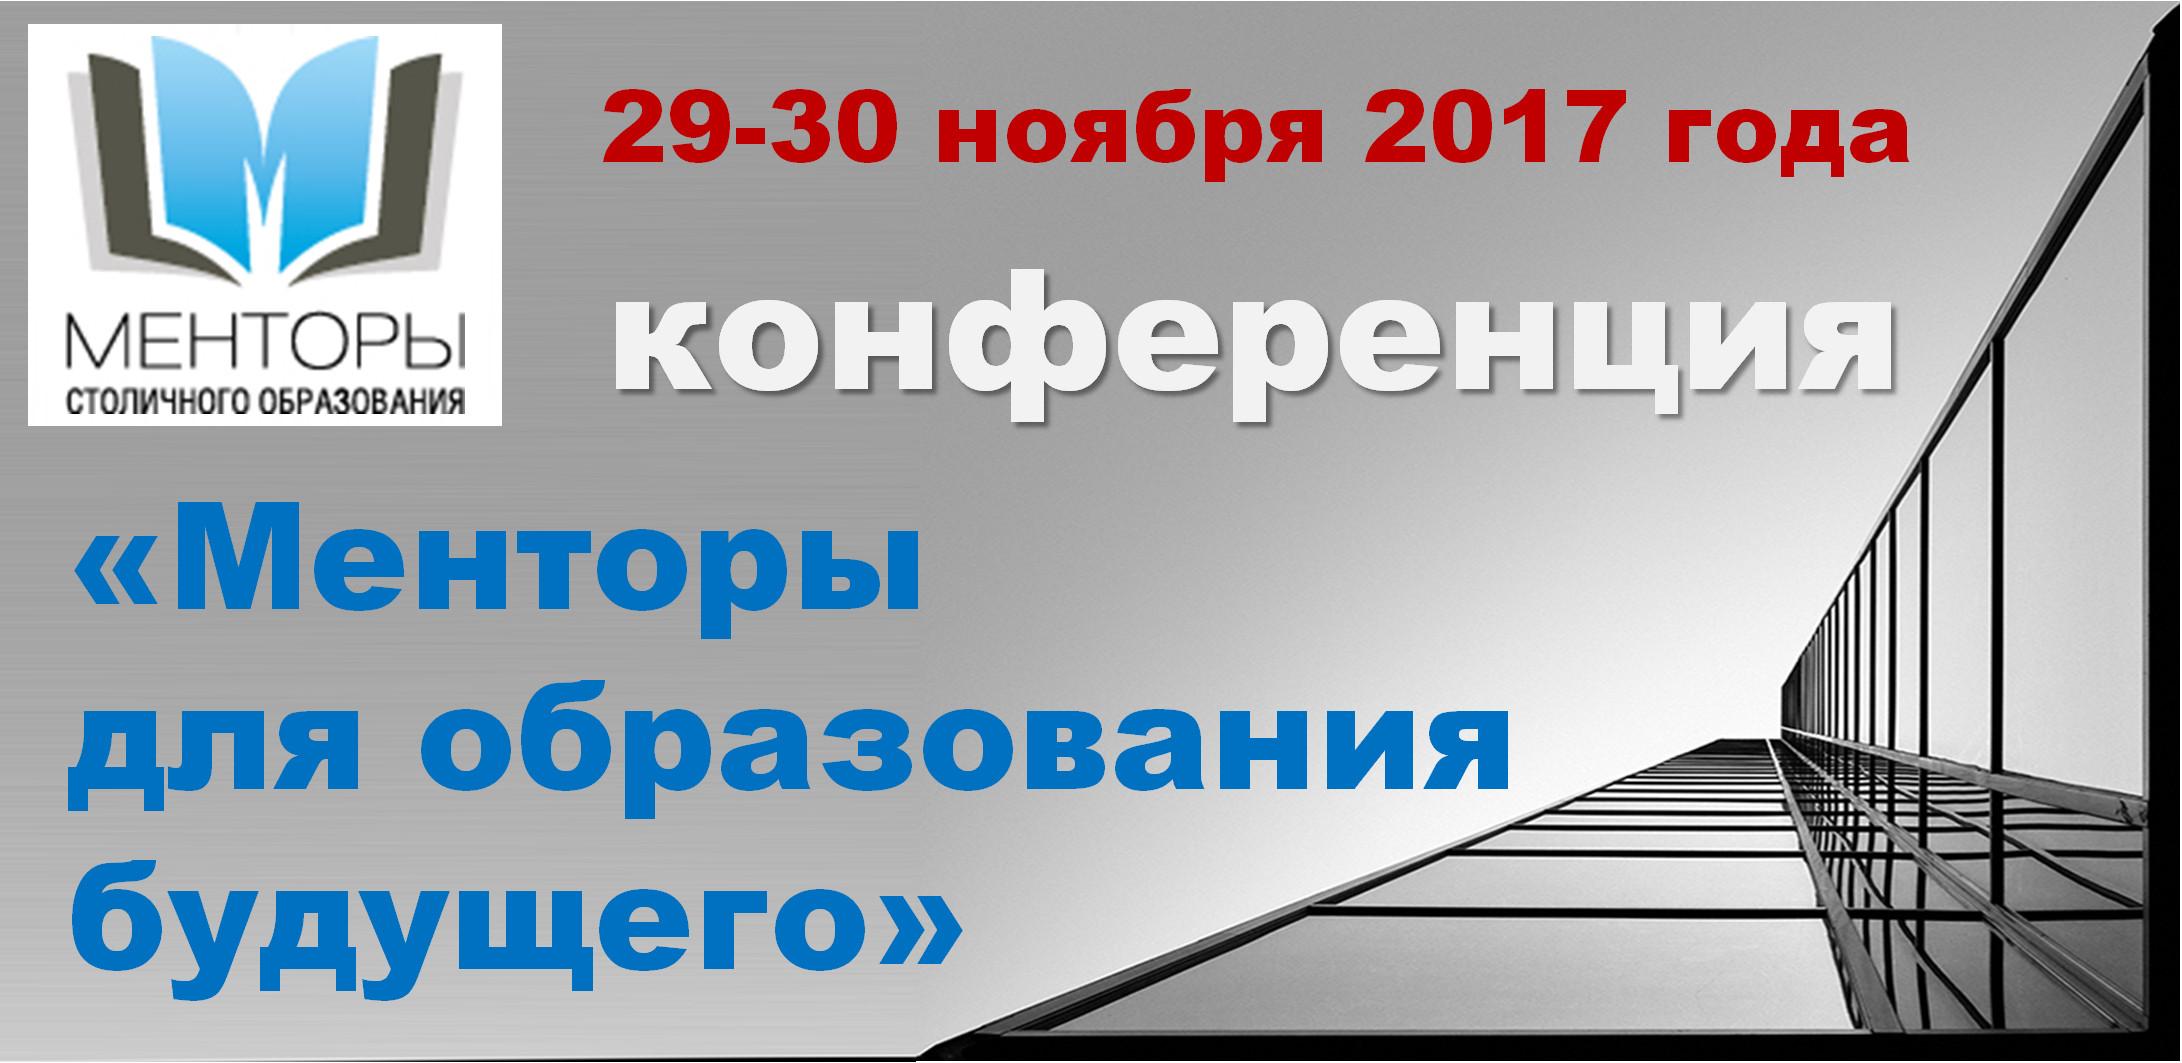 Вторая межрегиональная научно-практическая конференция